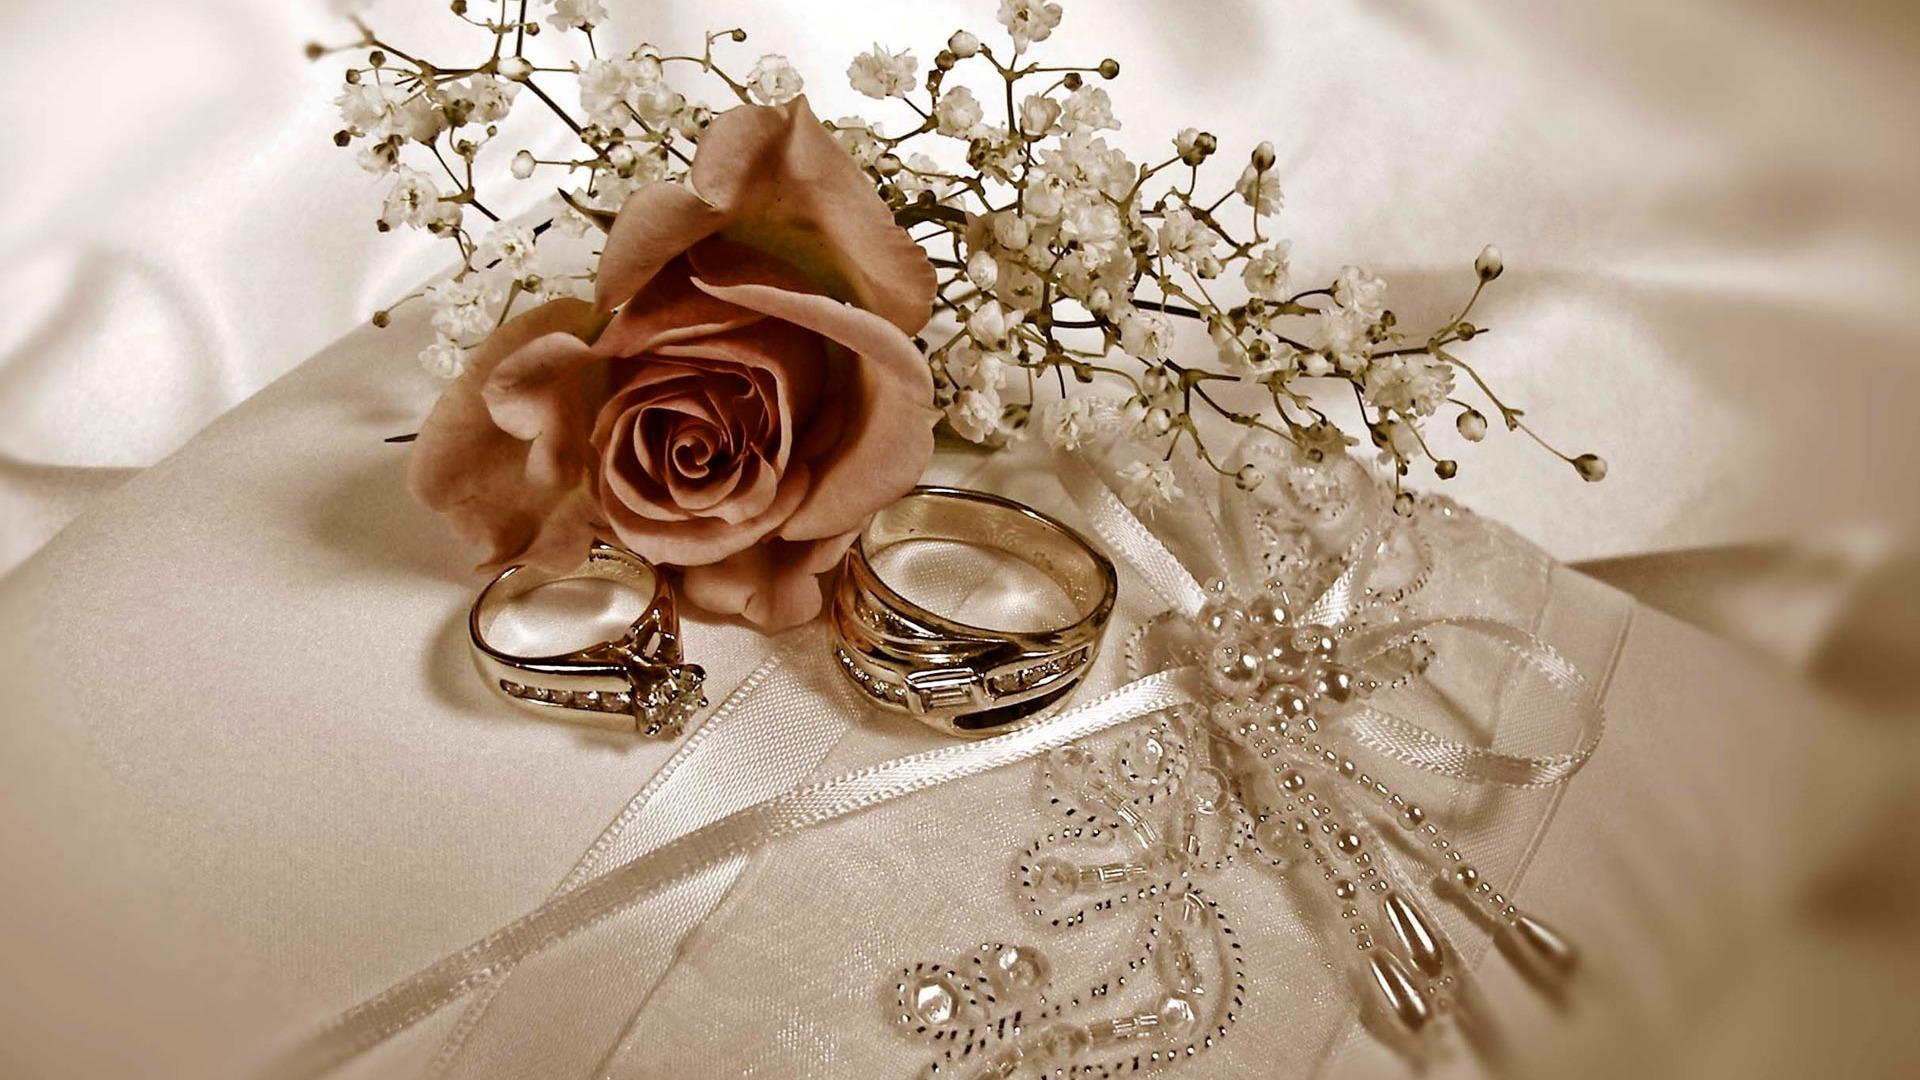 Mariage et papier peint anneau de mariage (1) #13 - 1920x1080 Fond d ...